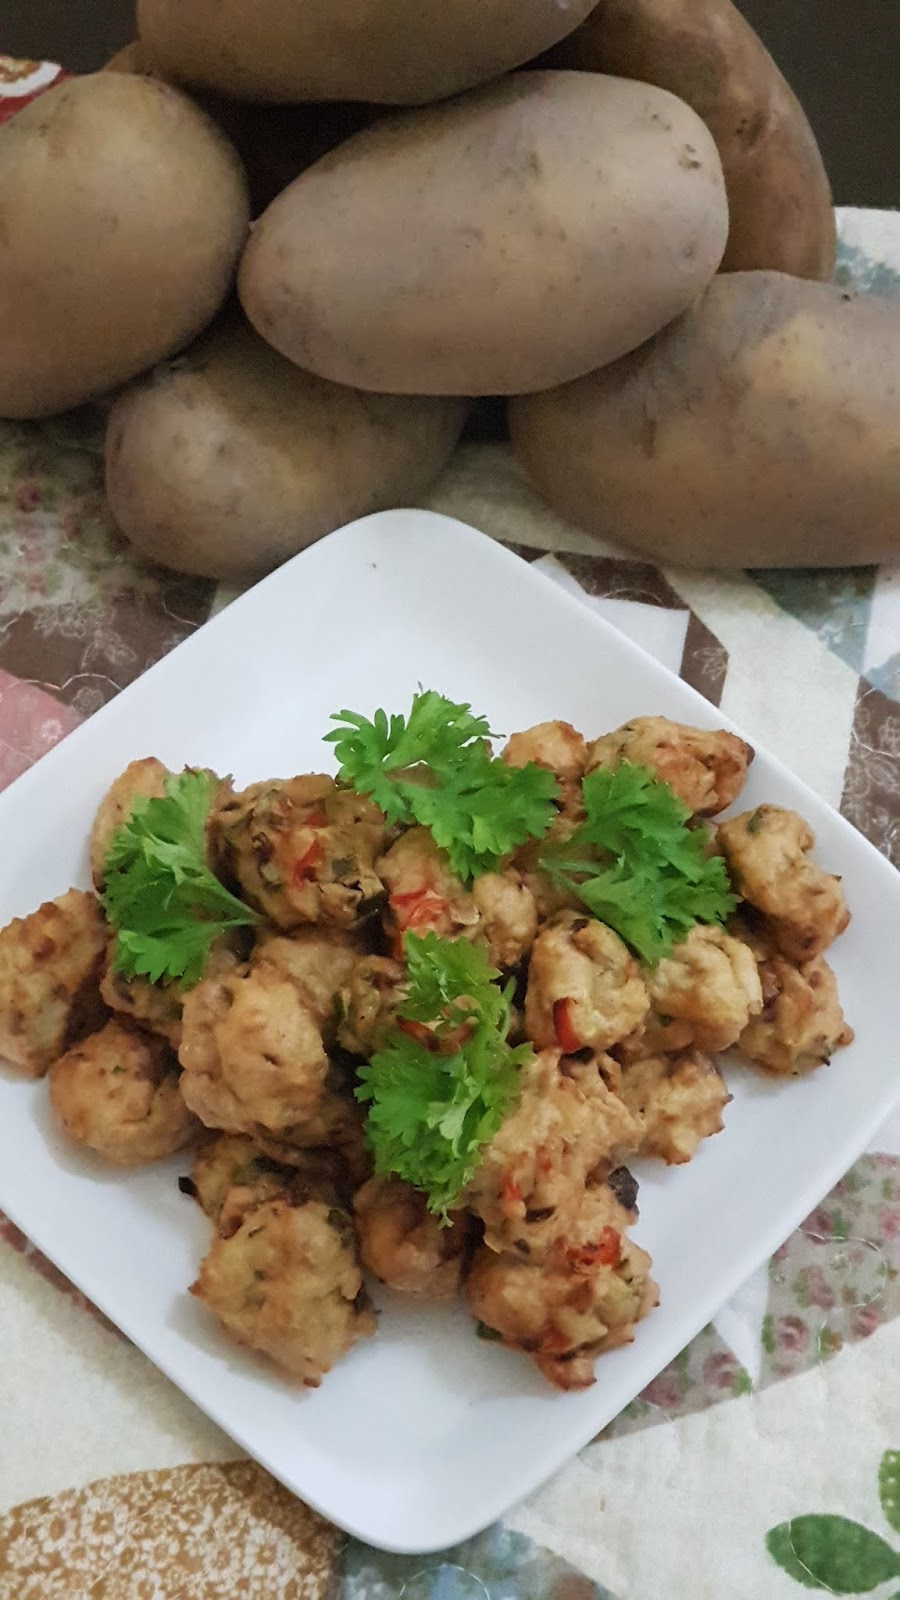 resepi berbuka mudah menggunakan kentang Resepi Kentang Jacket Enak dan Mudah